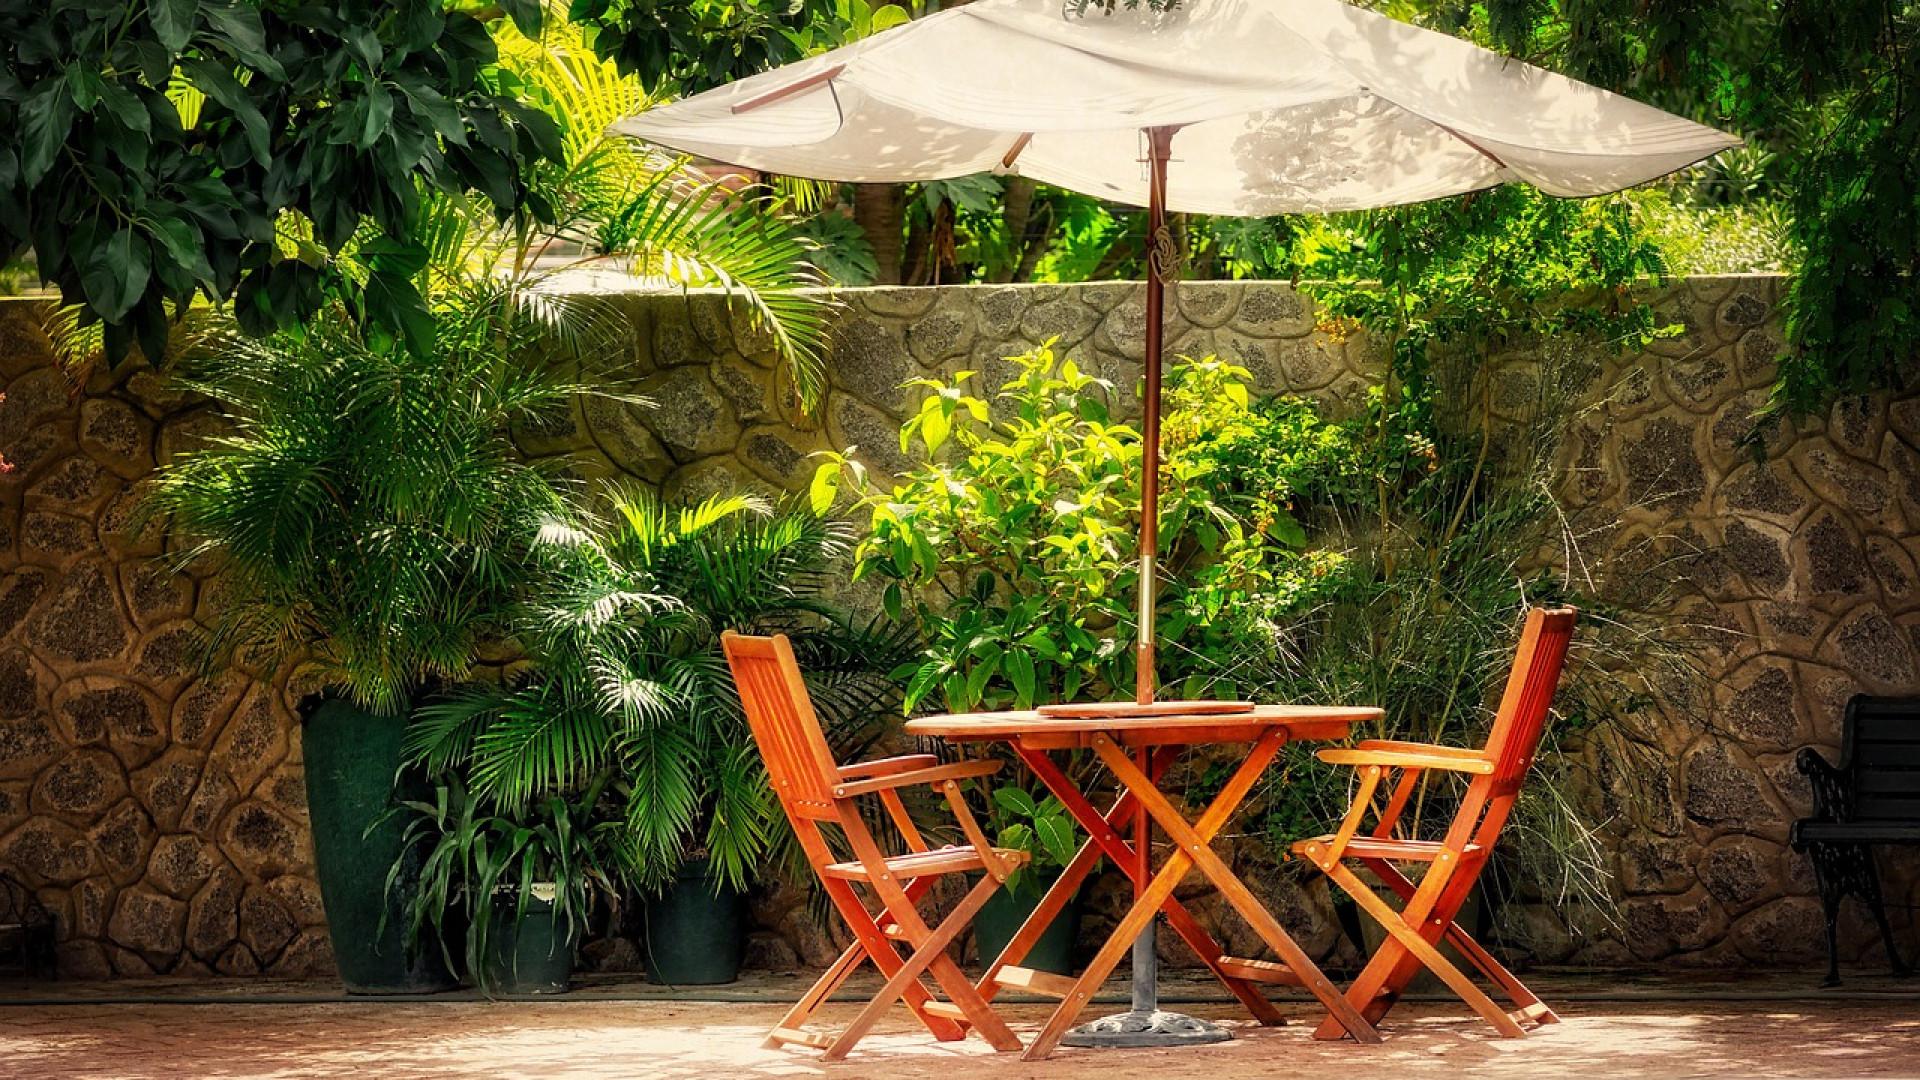 Le salon de jardin : prendre le temps de choisir - Détachez vos ...